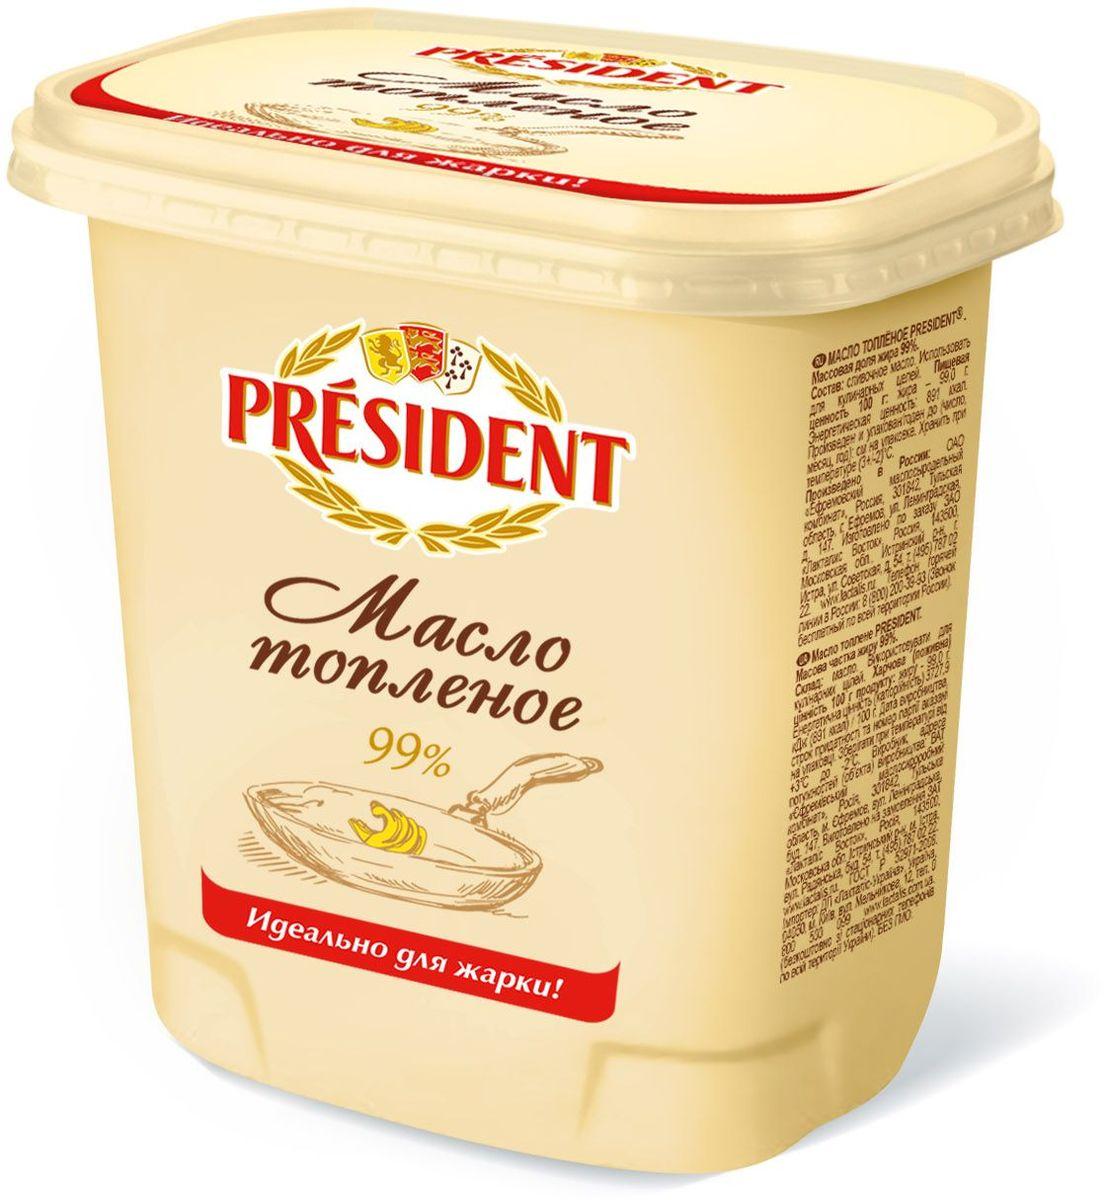 President Масло топленое 99%, 380 г